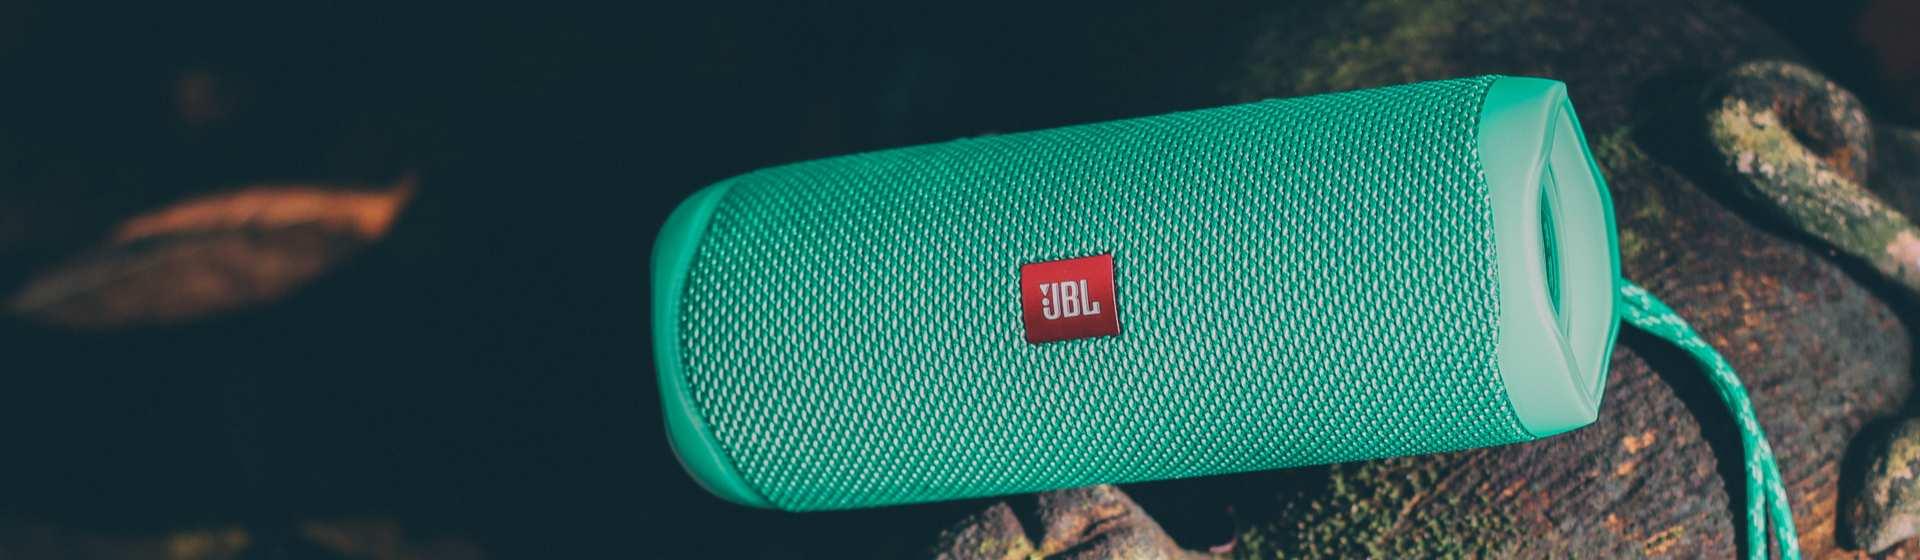 JBL Flip 5 vale a pena? Conheça a caixa de som Bluetooth